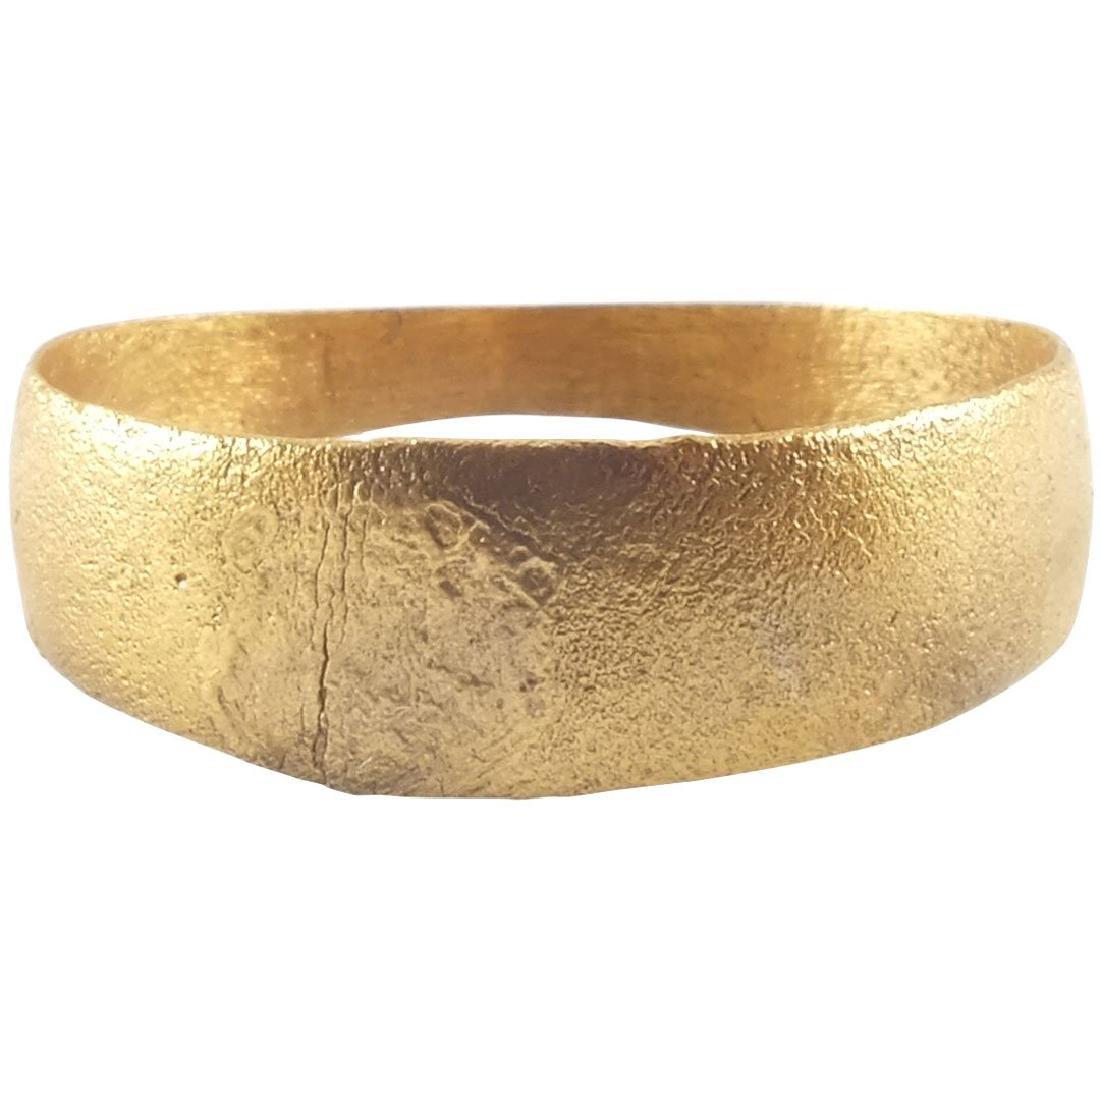 ANCIENT VIKING MAN'S WEDDING RING C.850-1050 AD